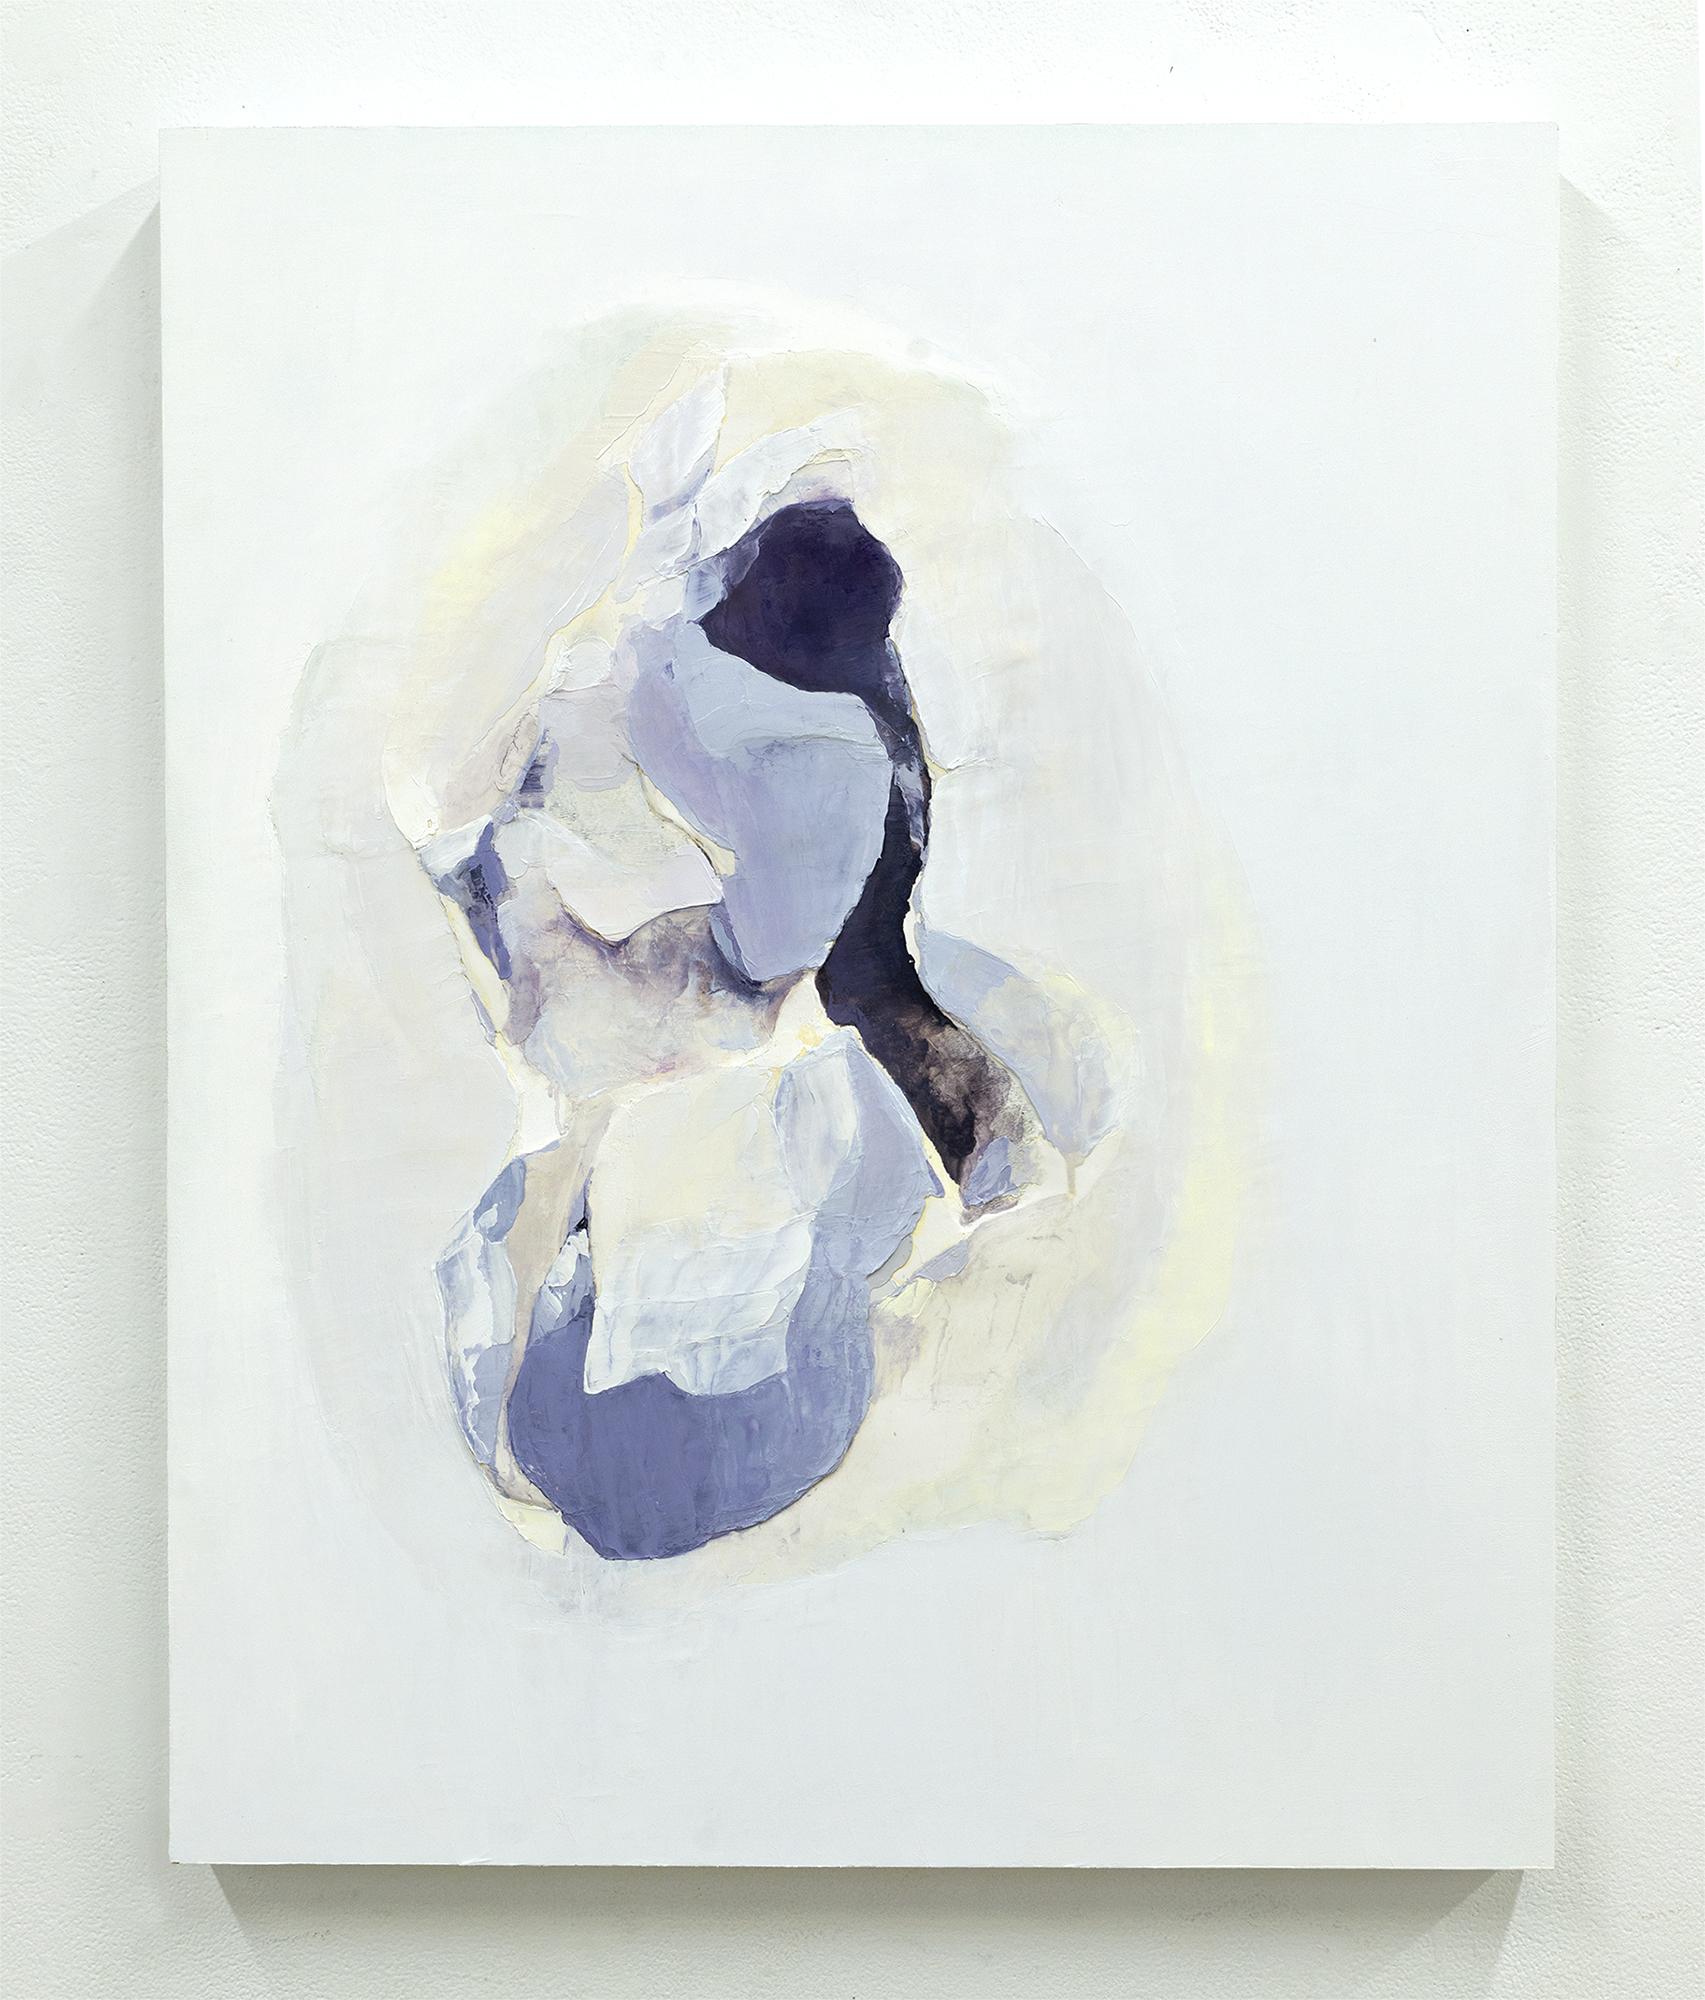 Untitled (Tectonic I), 2017